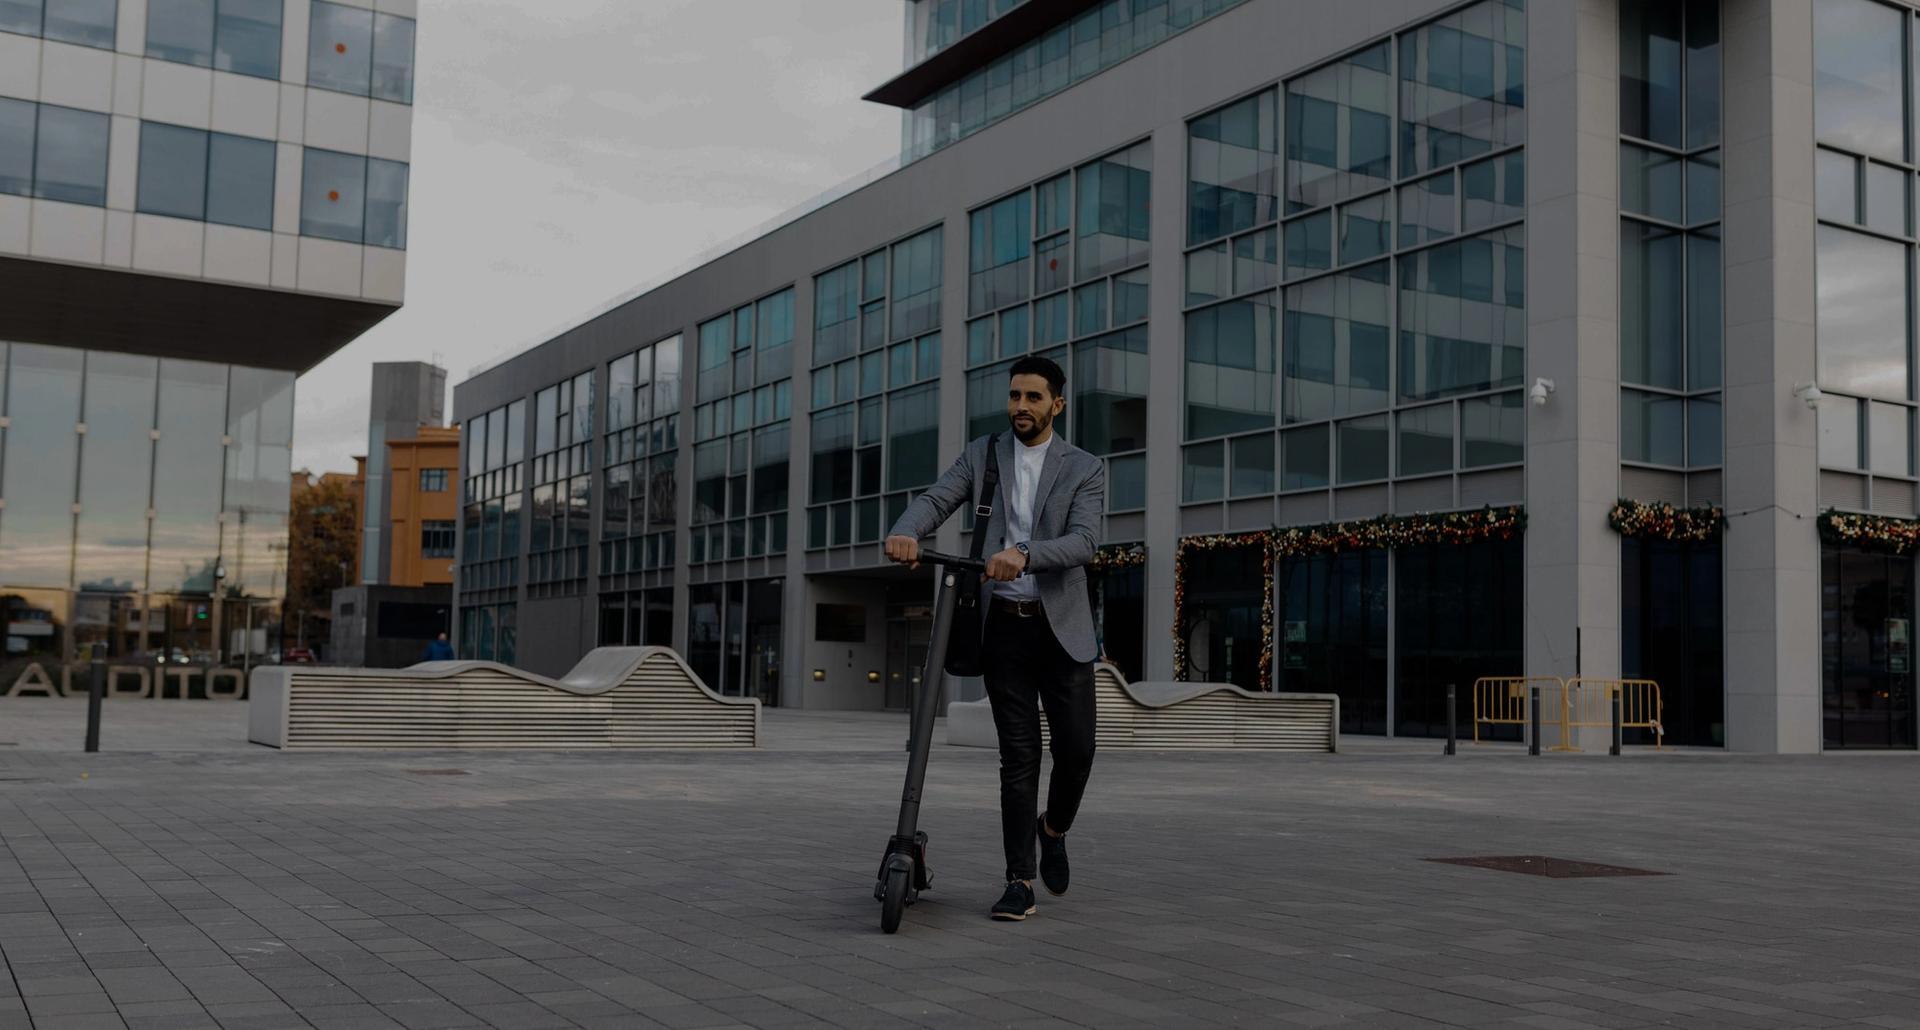 Mies kuljettamassa Augment.eco skuuttia